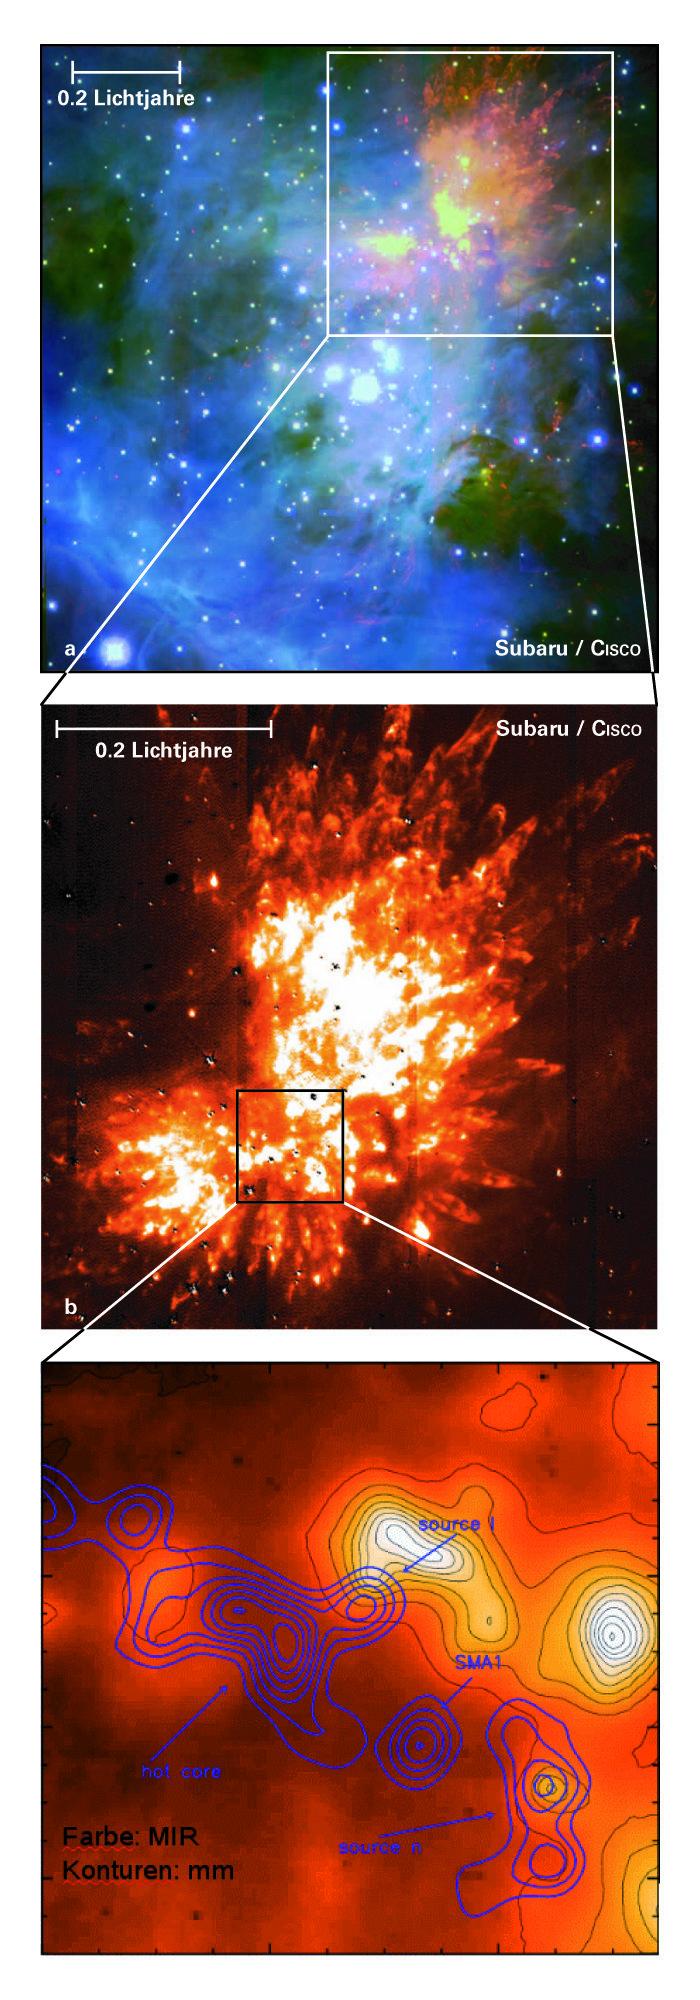 a) Die Sternentstehungsregion BN/KL im Orion liegt in der Nähe der Trapezsterne; b) ein kleinerer Bereich im infraroten Licht der Emission von H2; c)